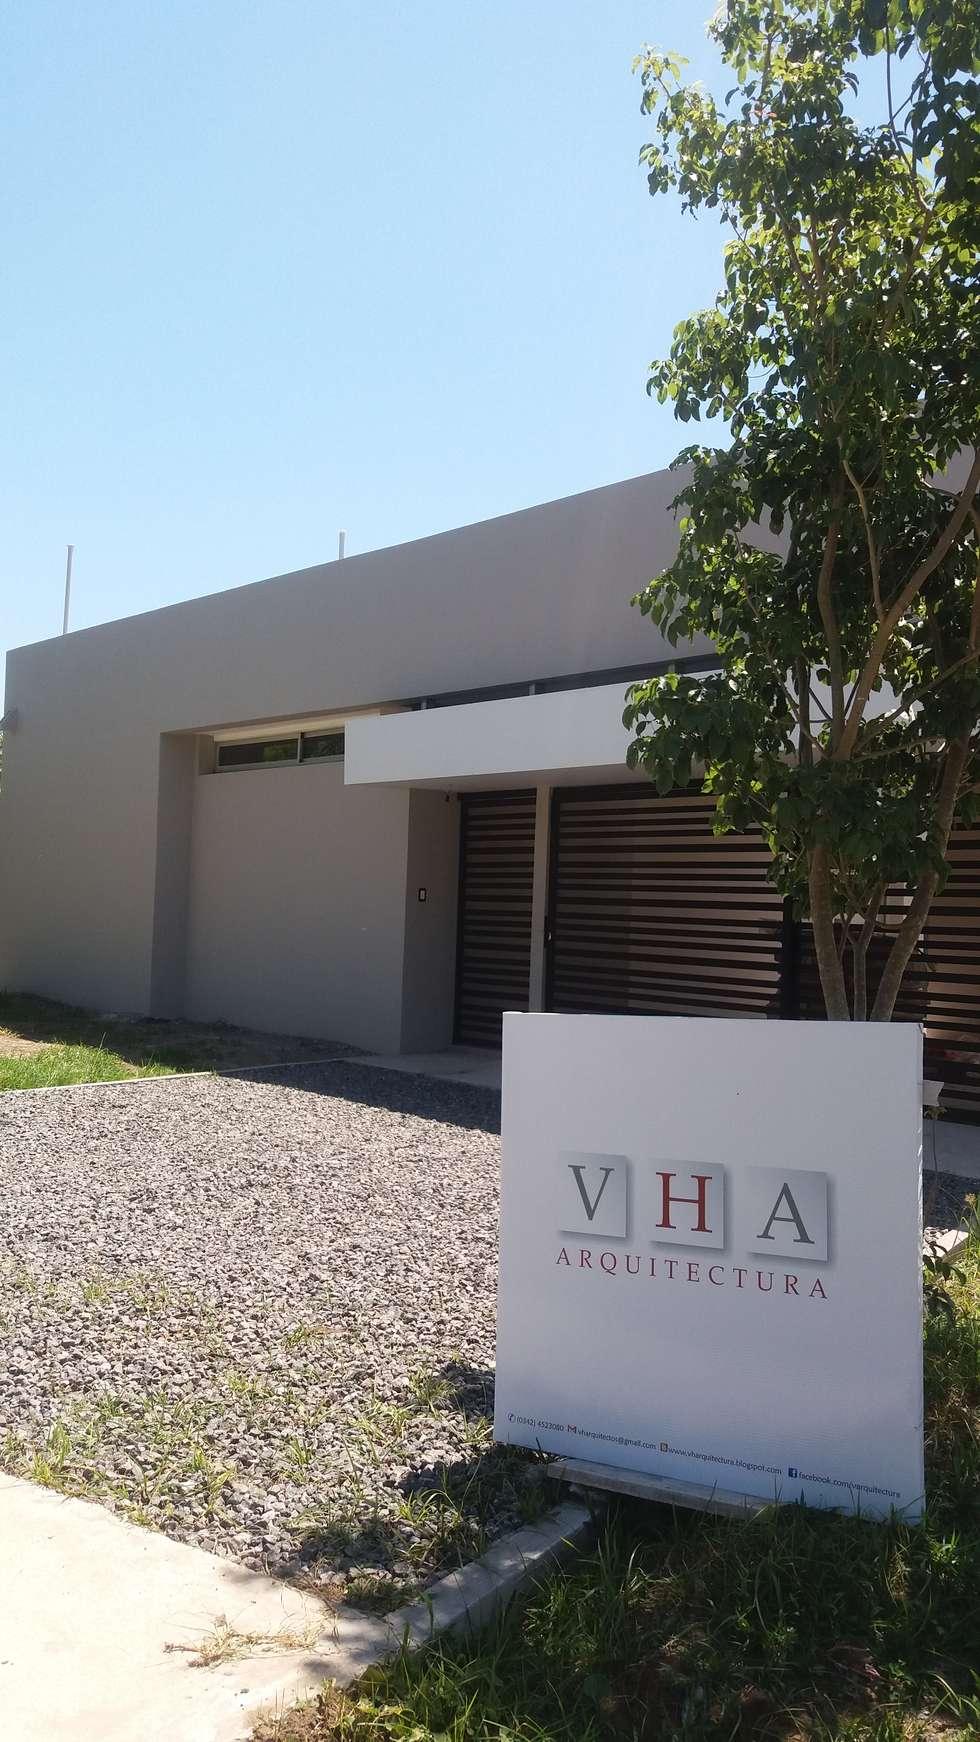 Ingreso - explanada-  fachada principal : Casas de estilo minimalista por VHA Arquitectura